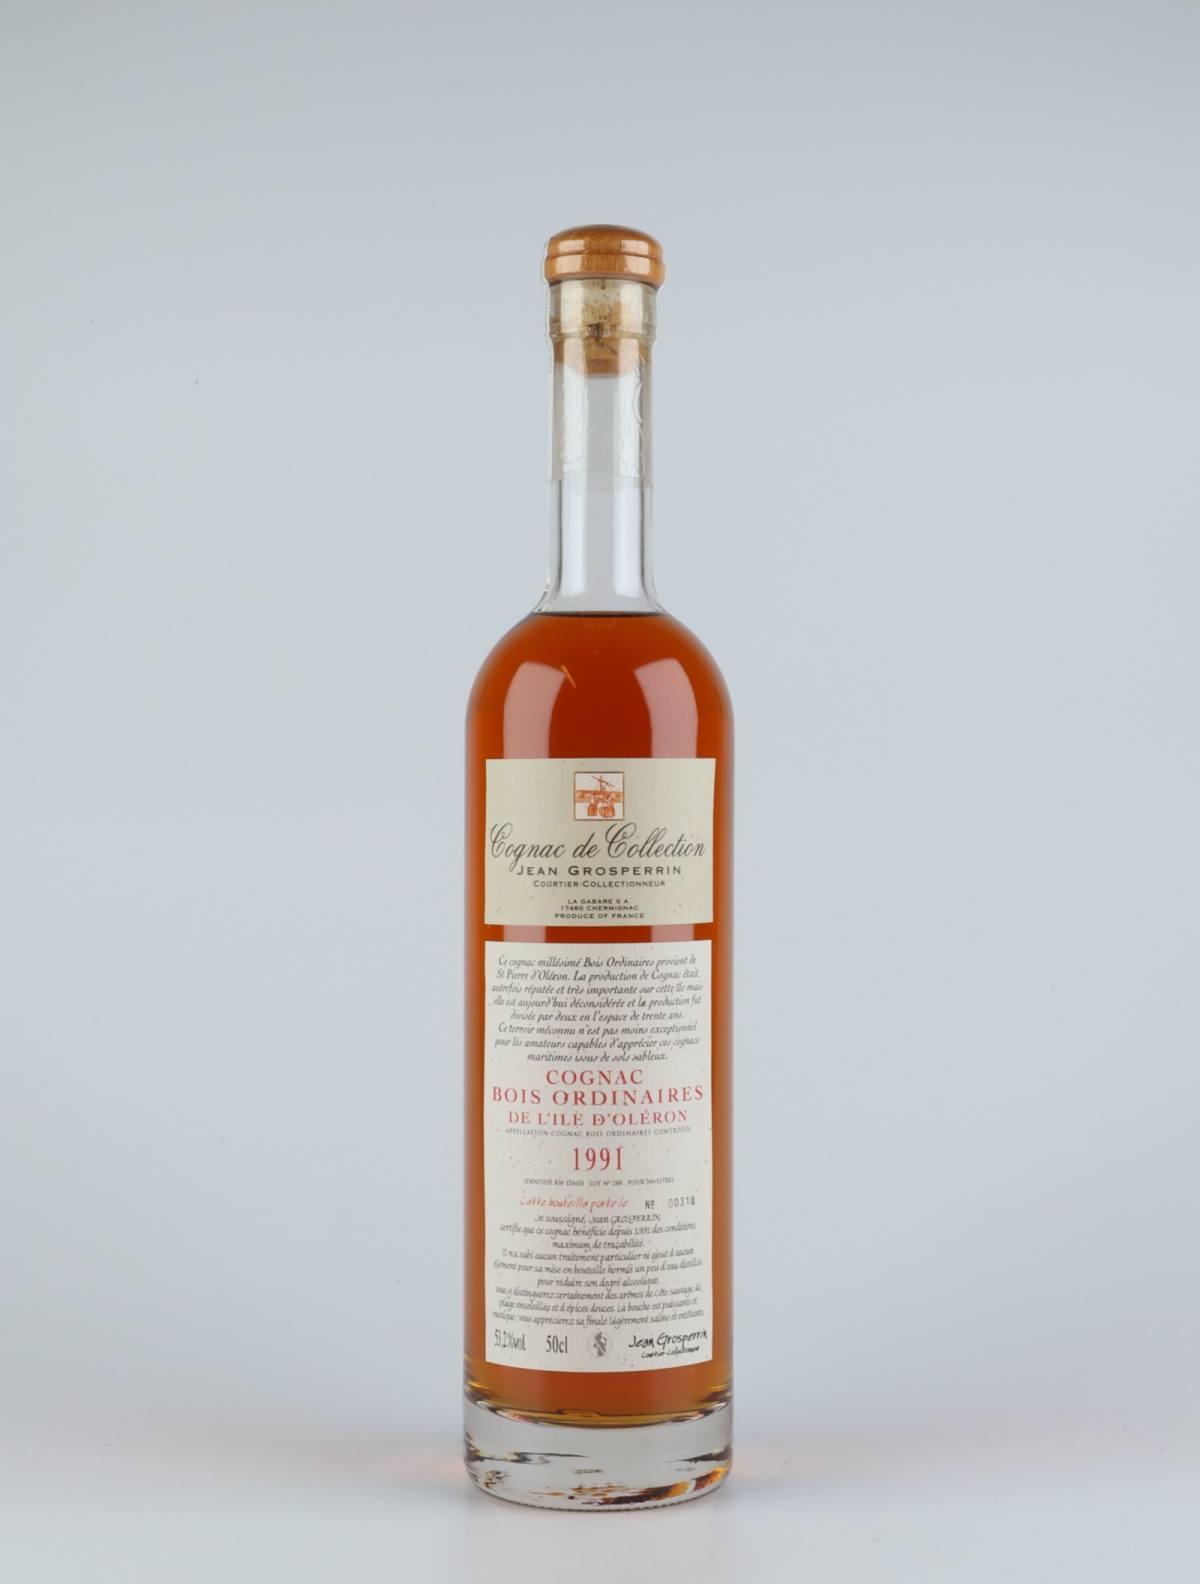 Cognac - Bois Ordinaires